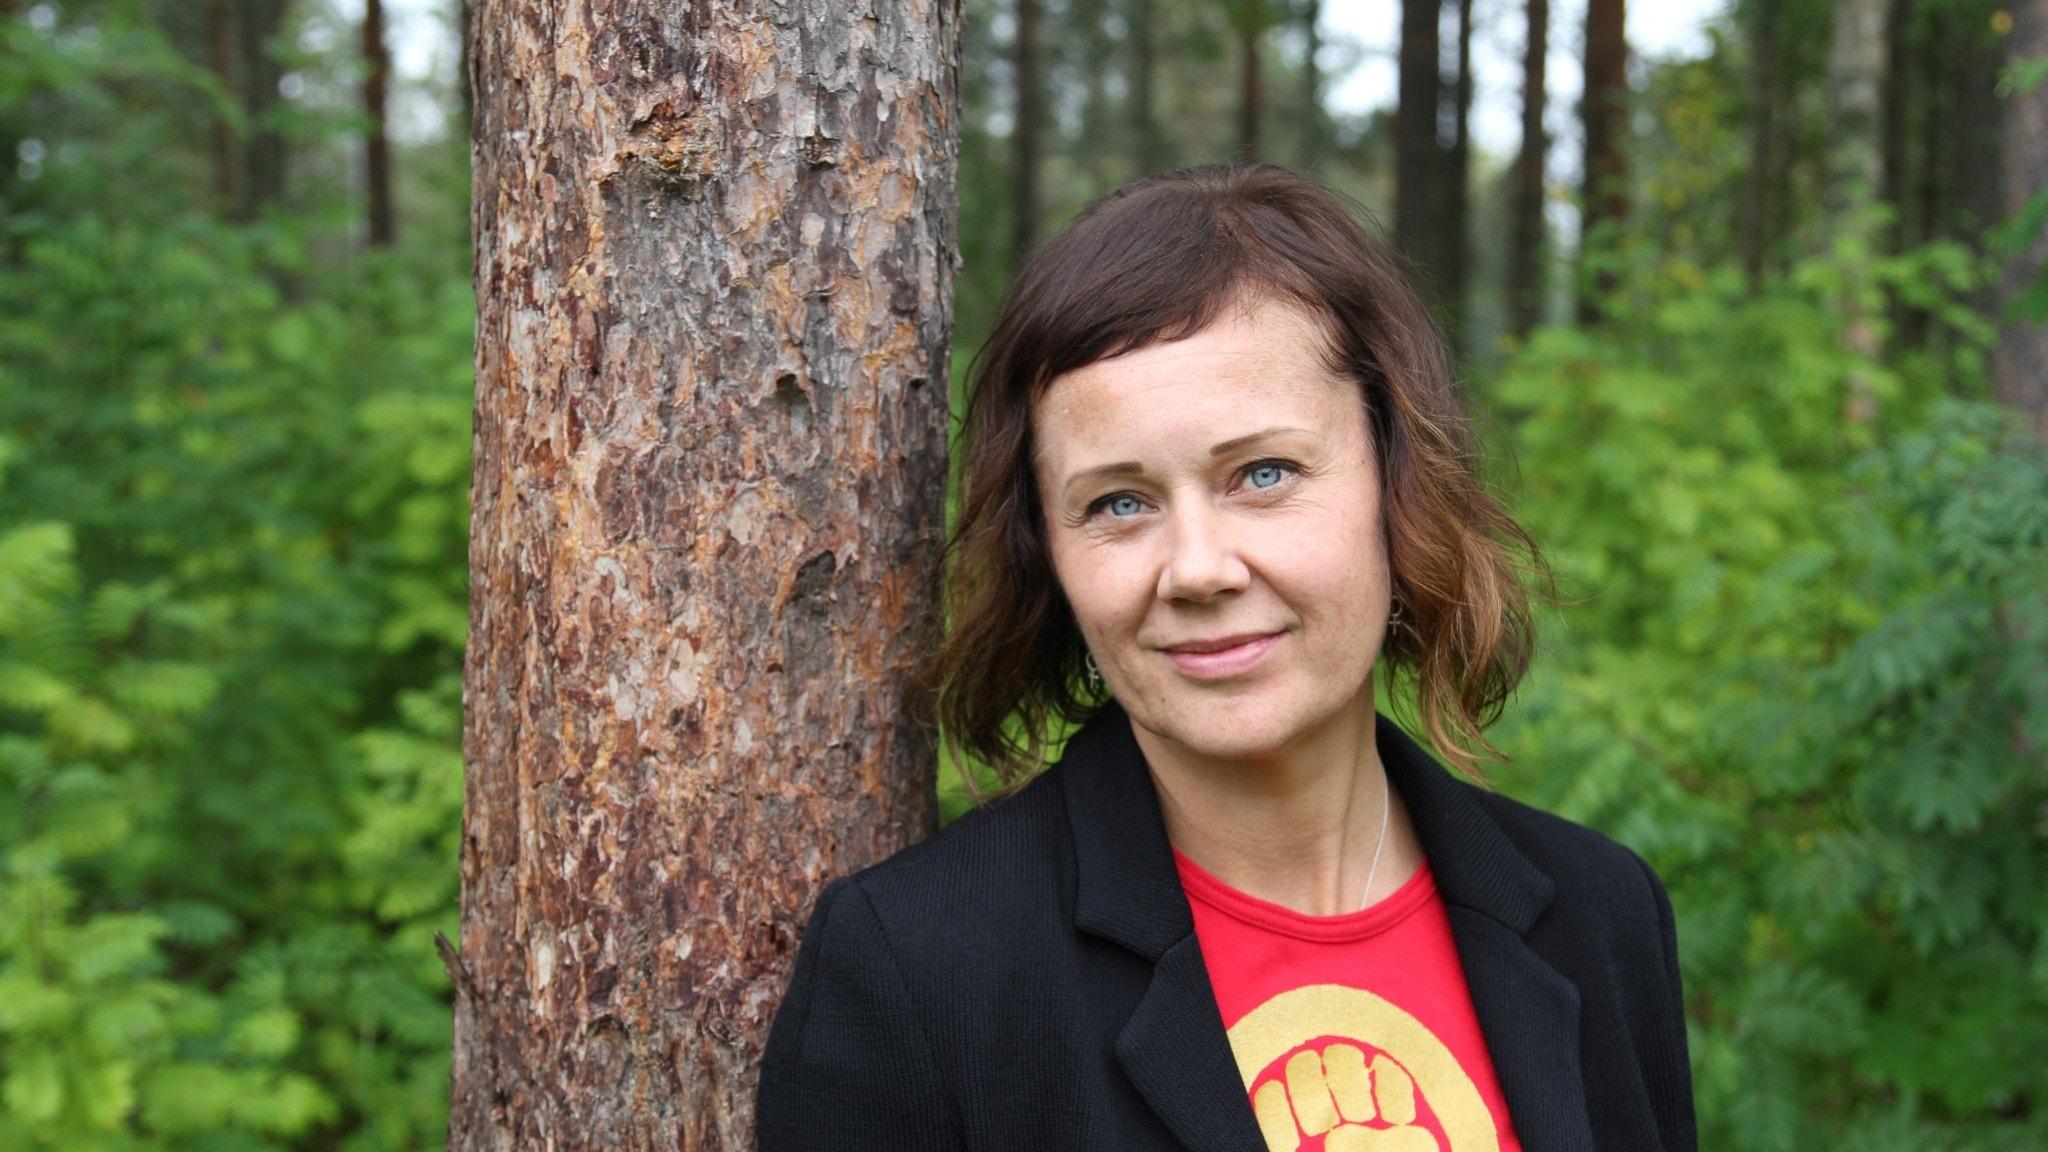 Kvinna i svart kavaj som lutar sig mot en trädstam.